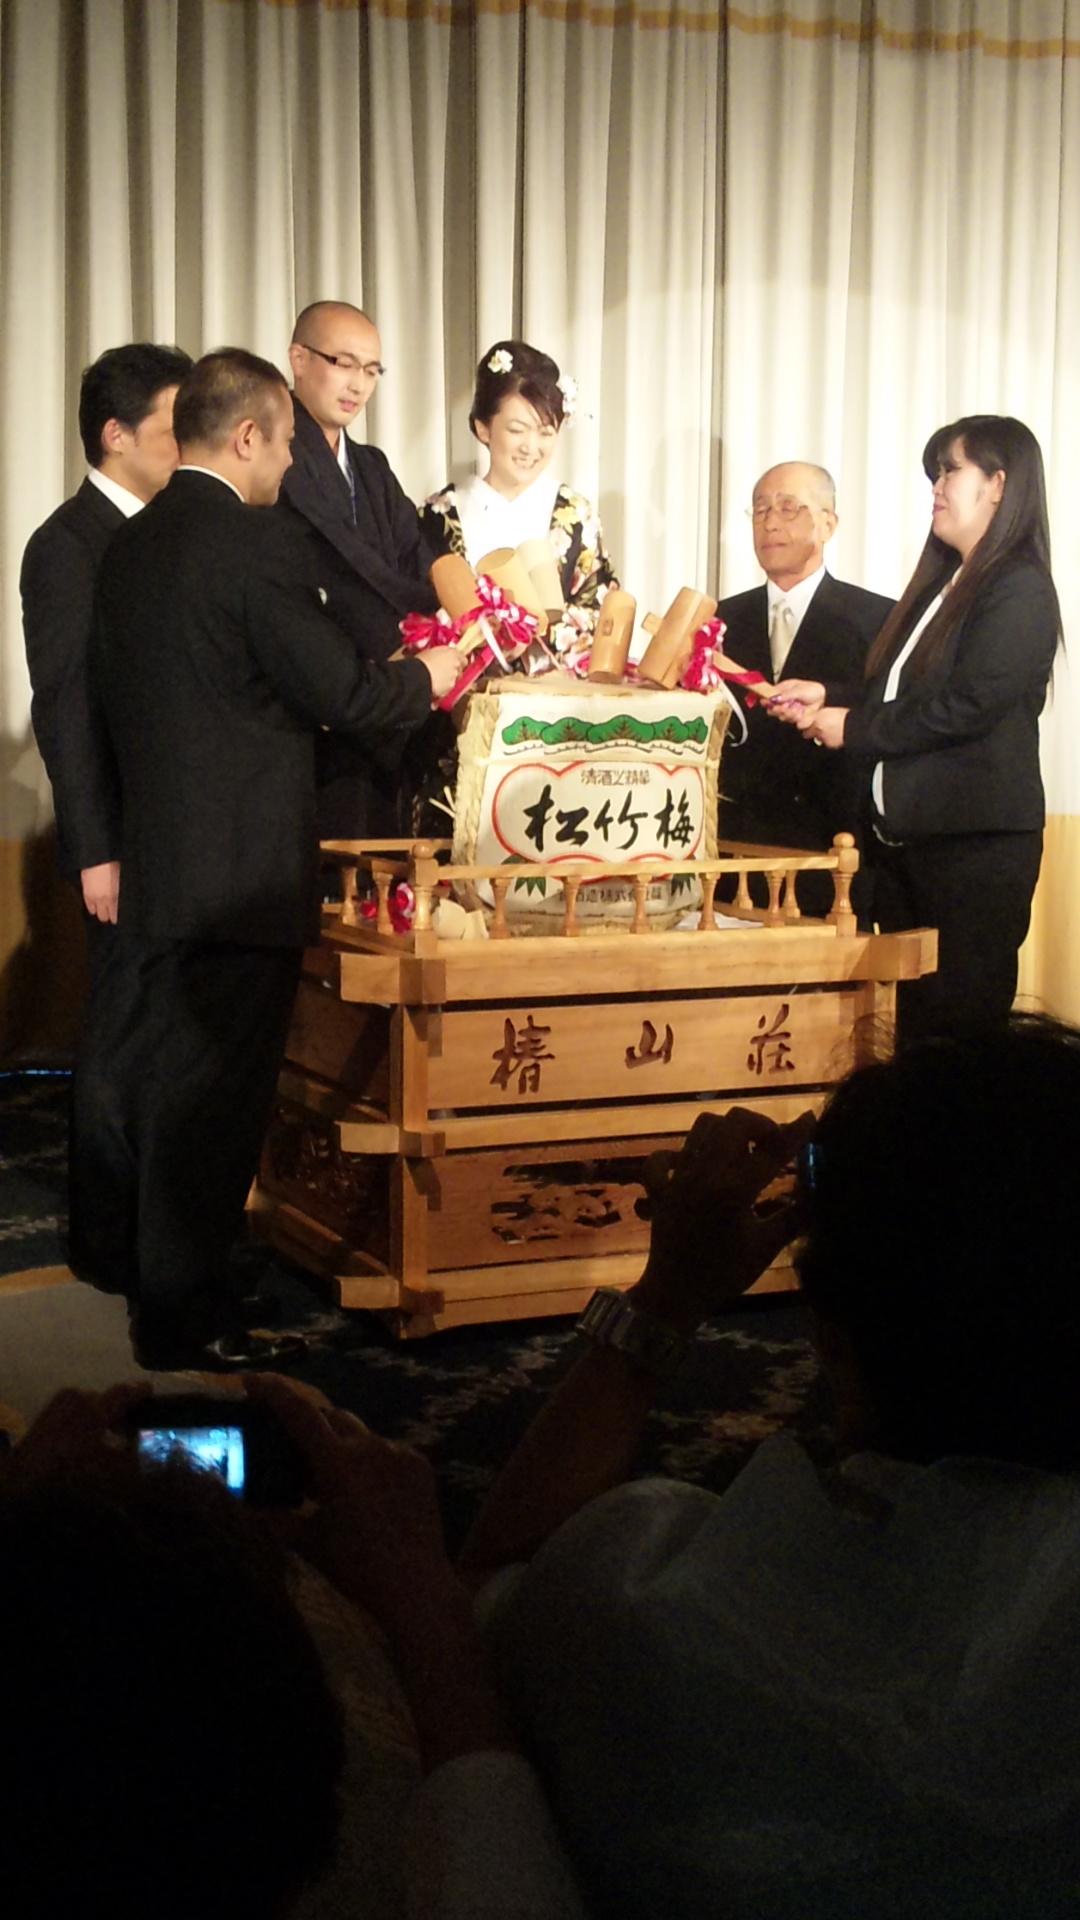 小菅兄さん結婚式!